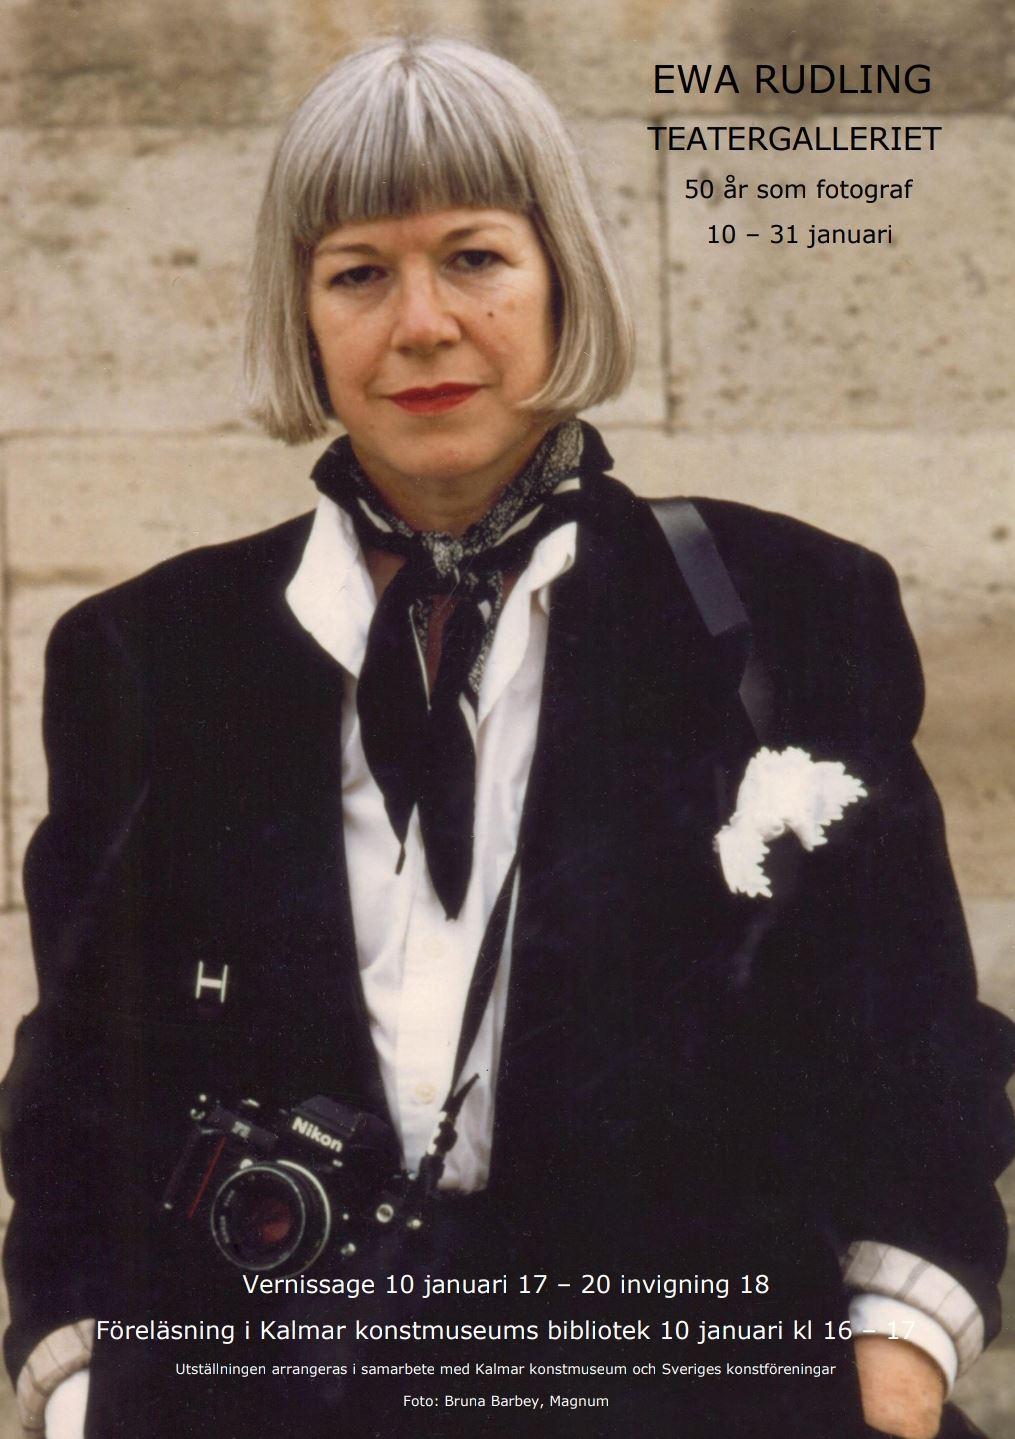 50 år som fotograf